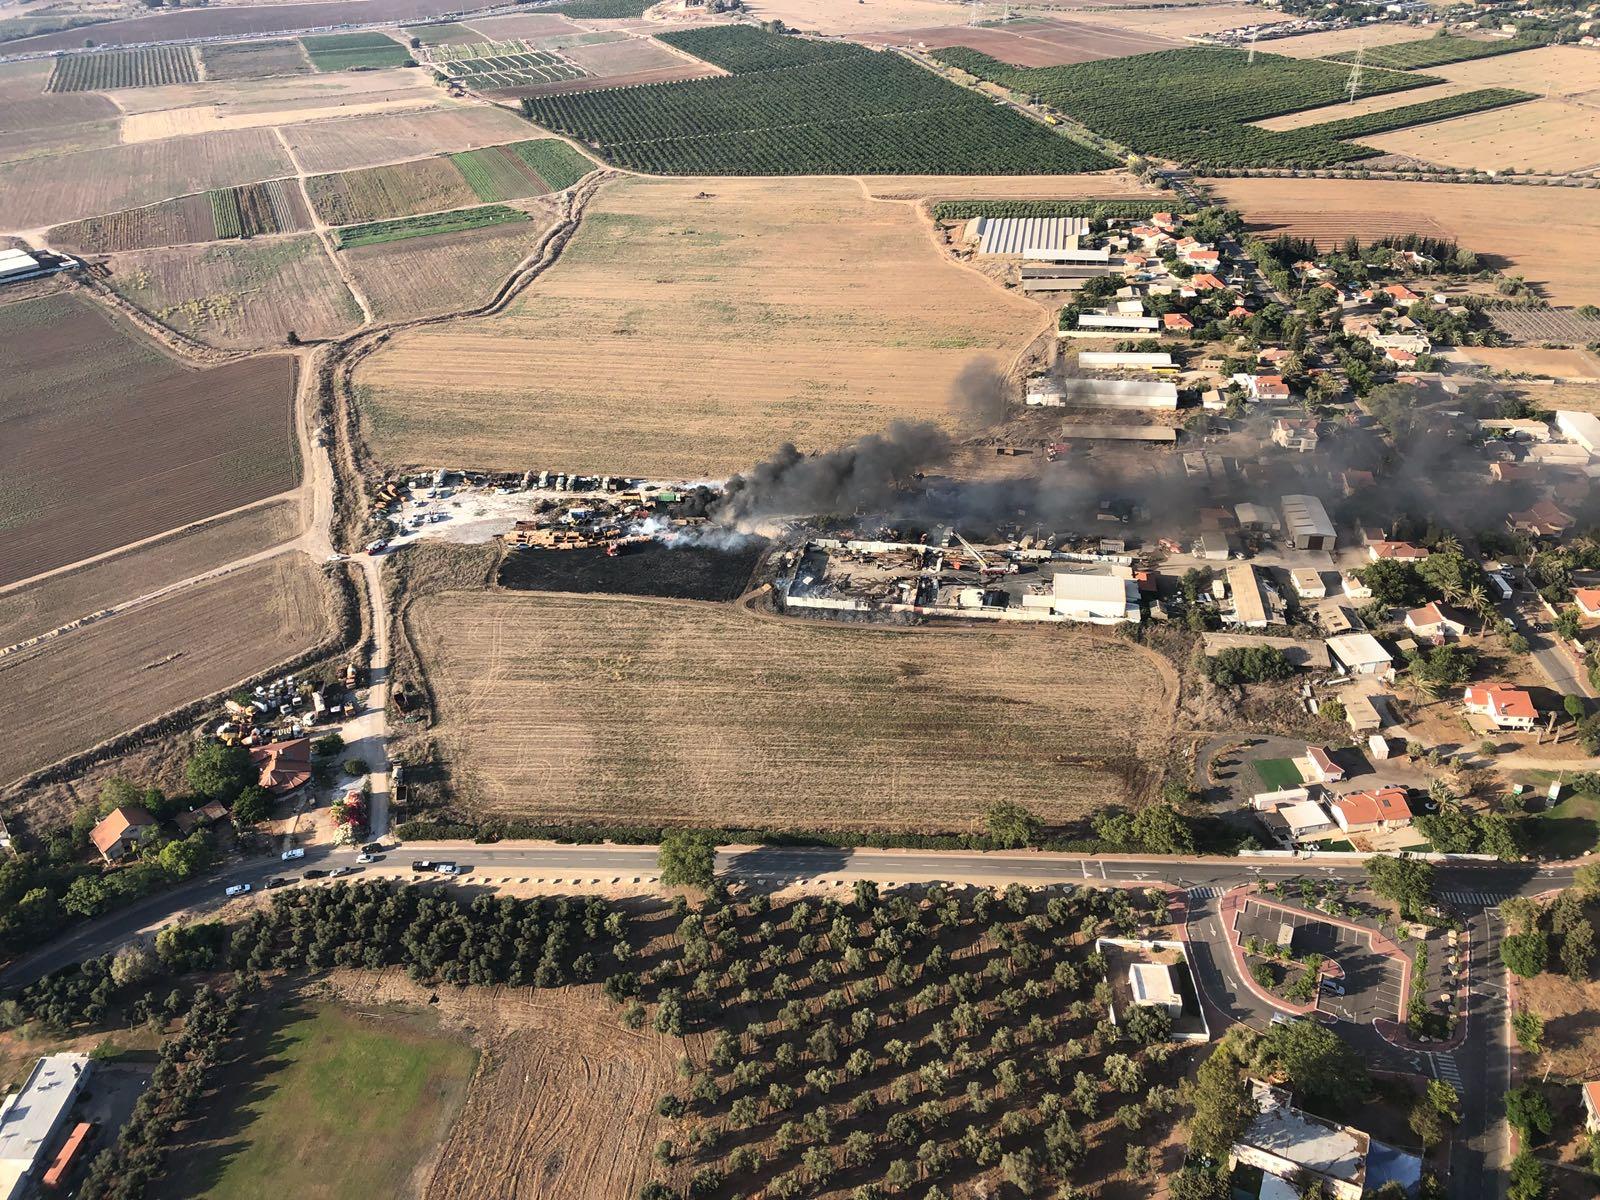 שריפה במגרש צילום: דוברות כבאות והצלה לישראל